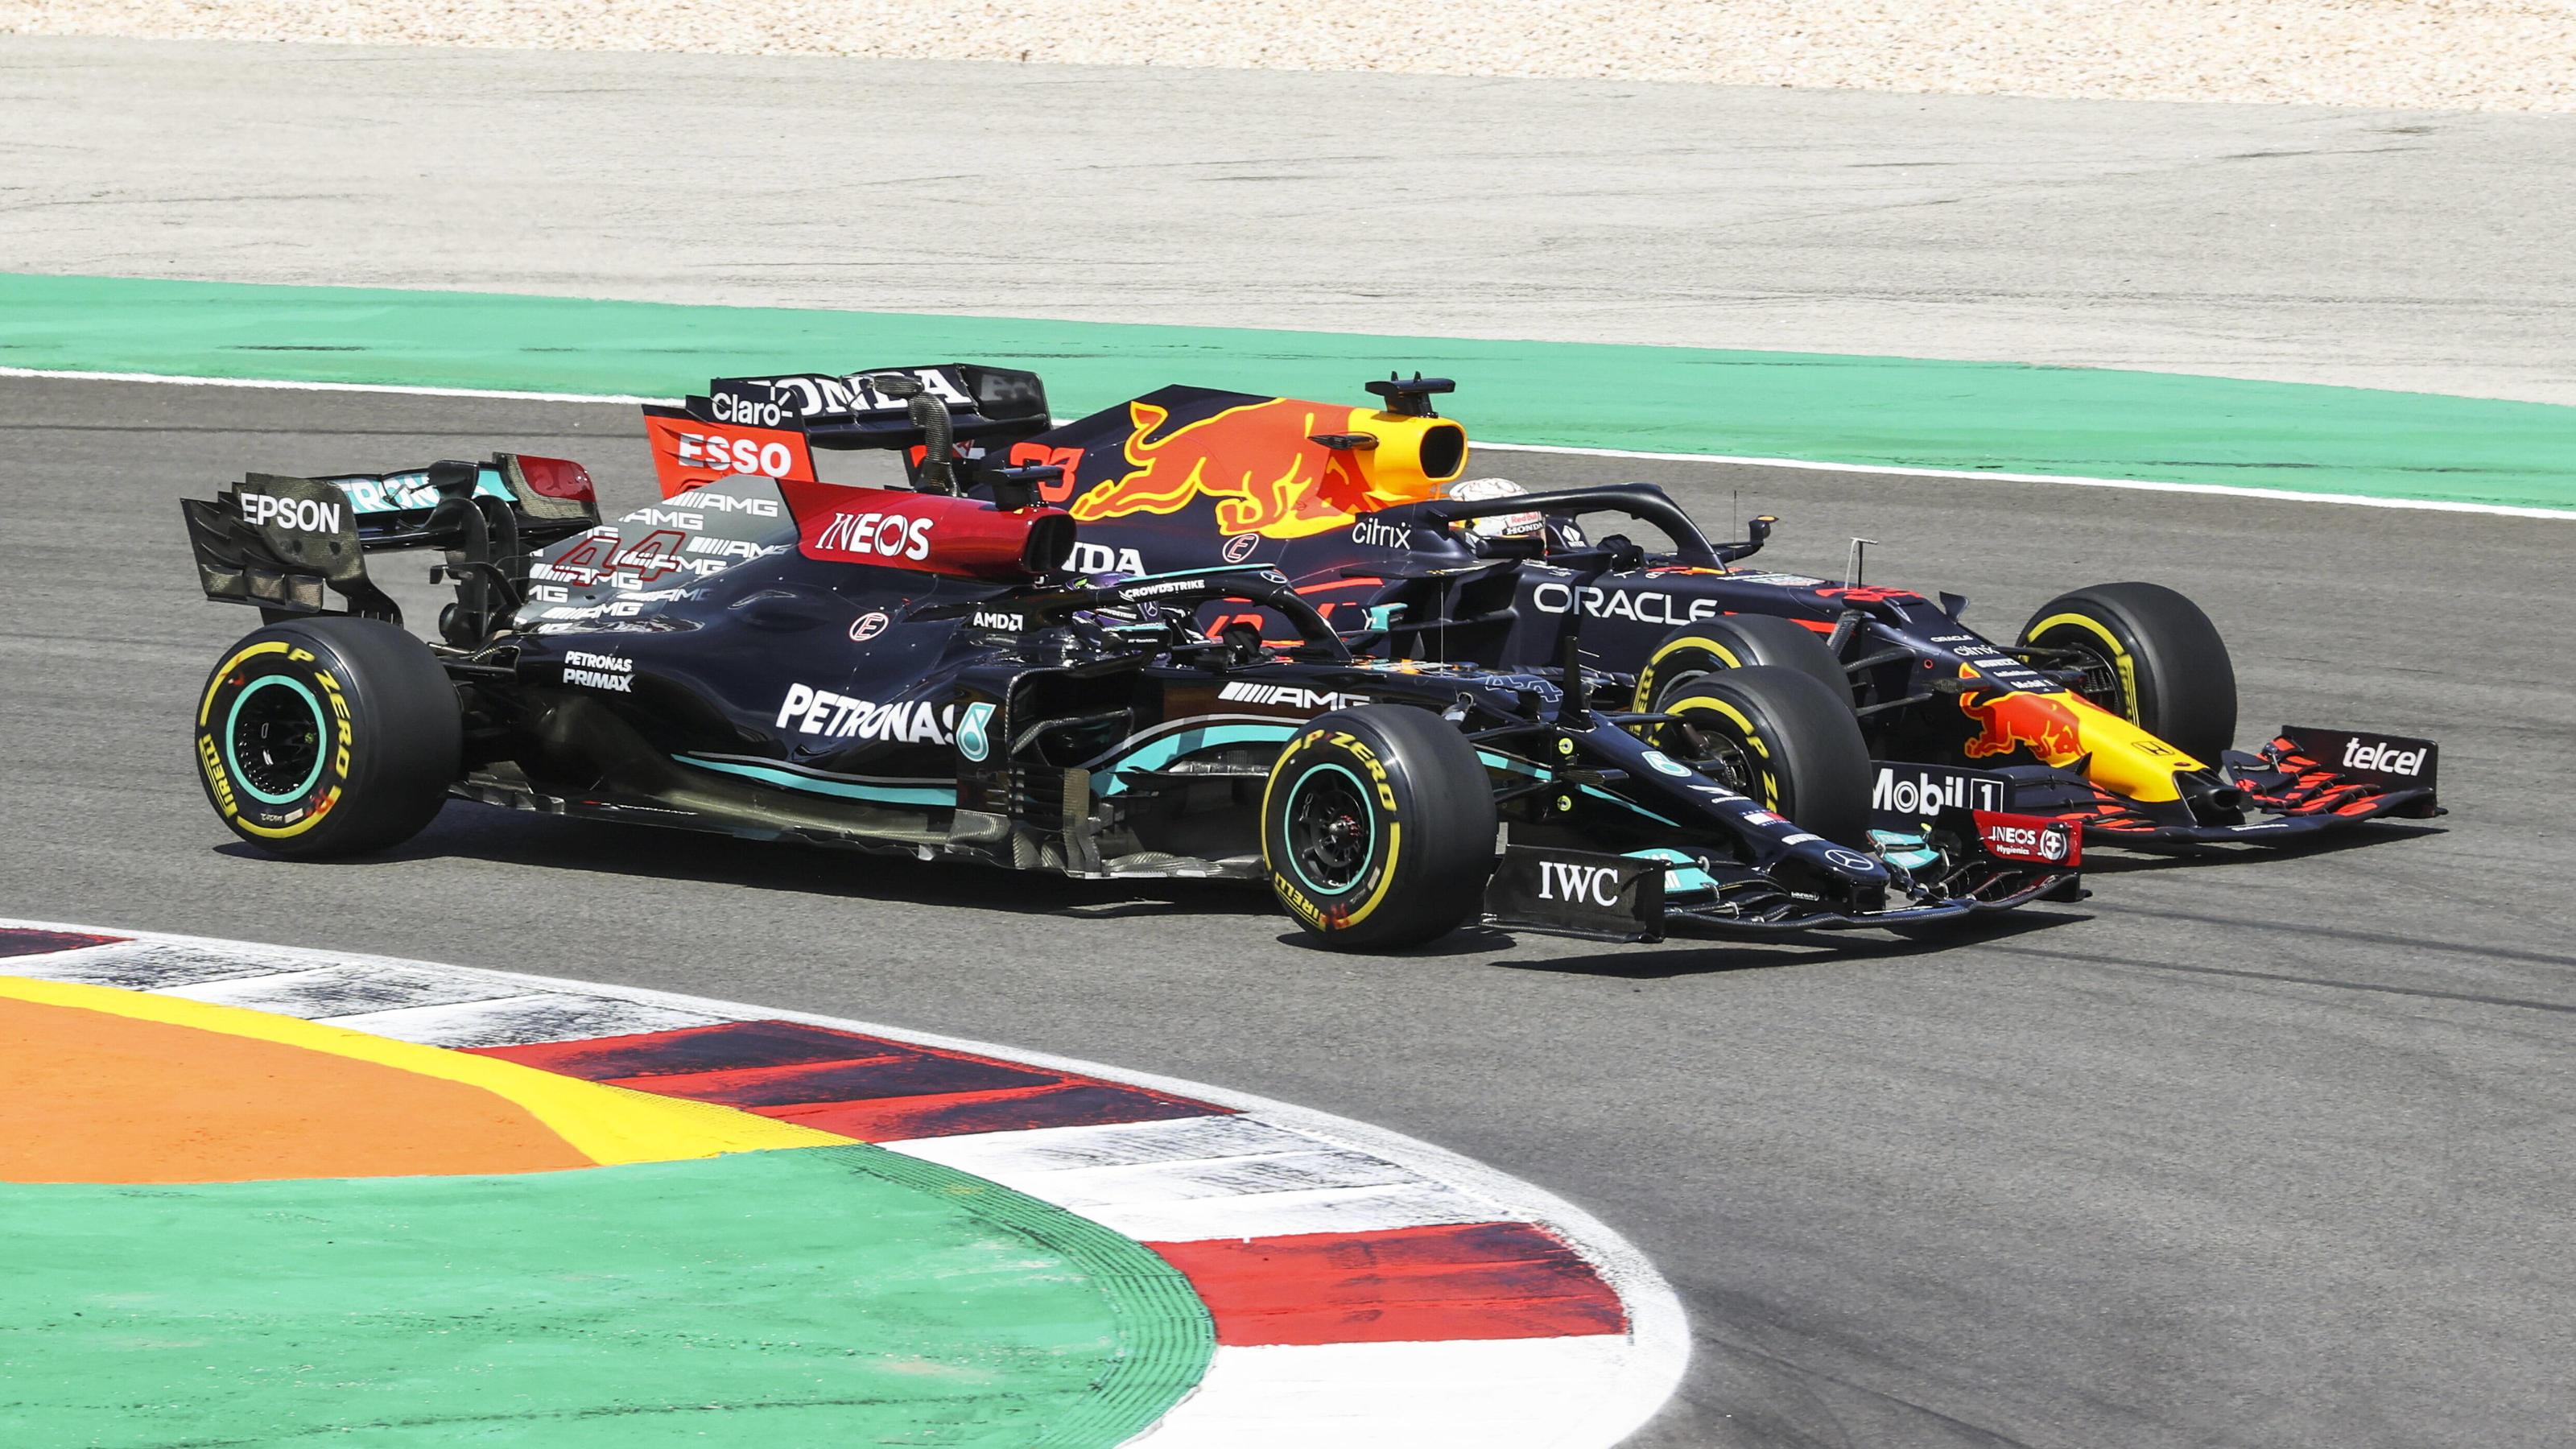 """Formel 1: Max Verstappen rechnet beim Spanien-GP mit """"echter Pace"""" gegen Lewis Hamilton"""